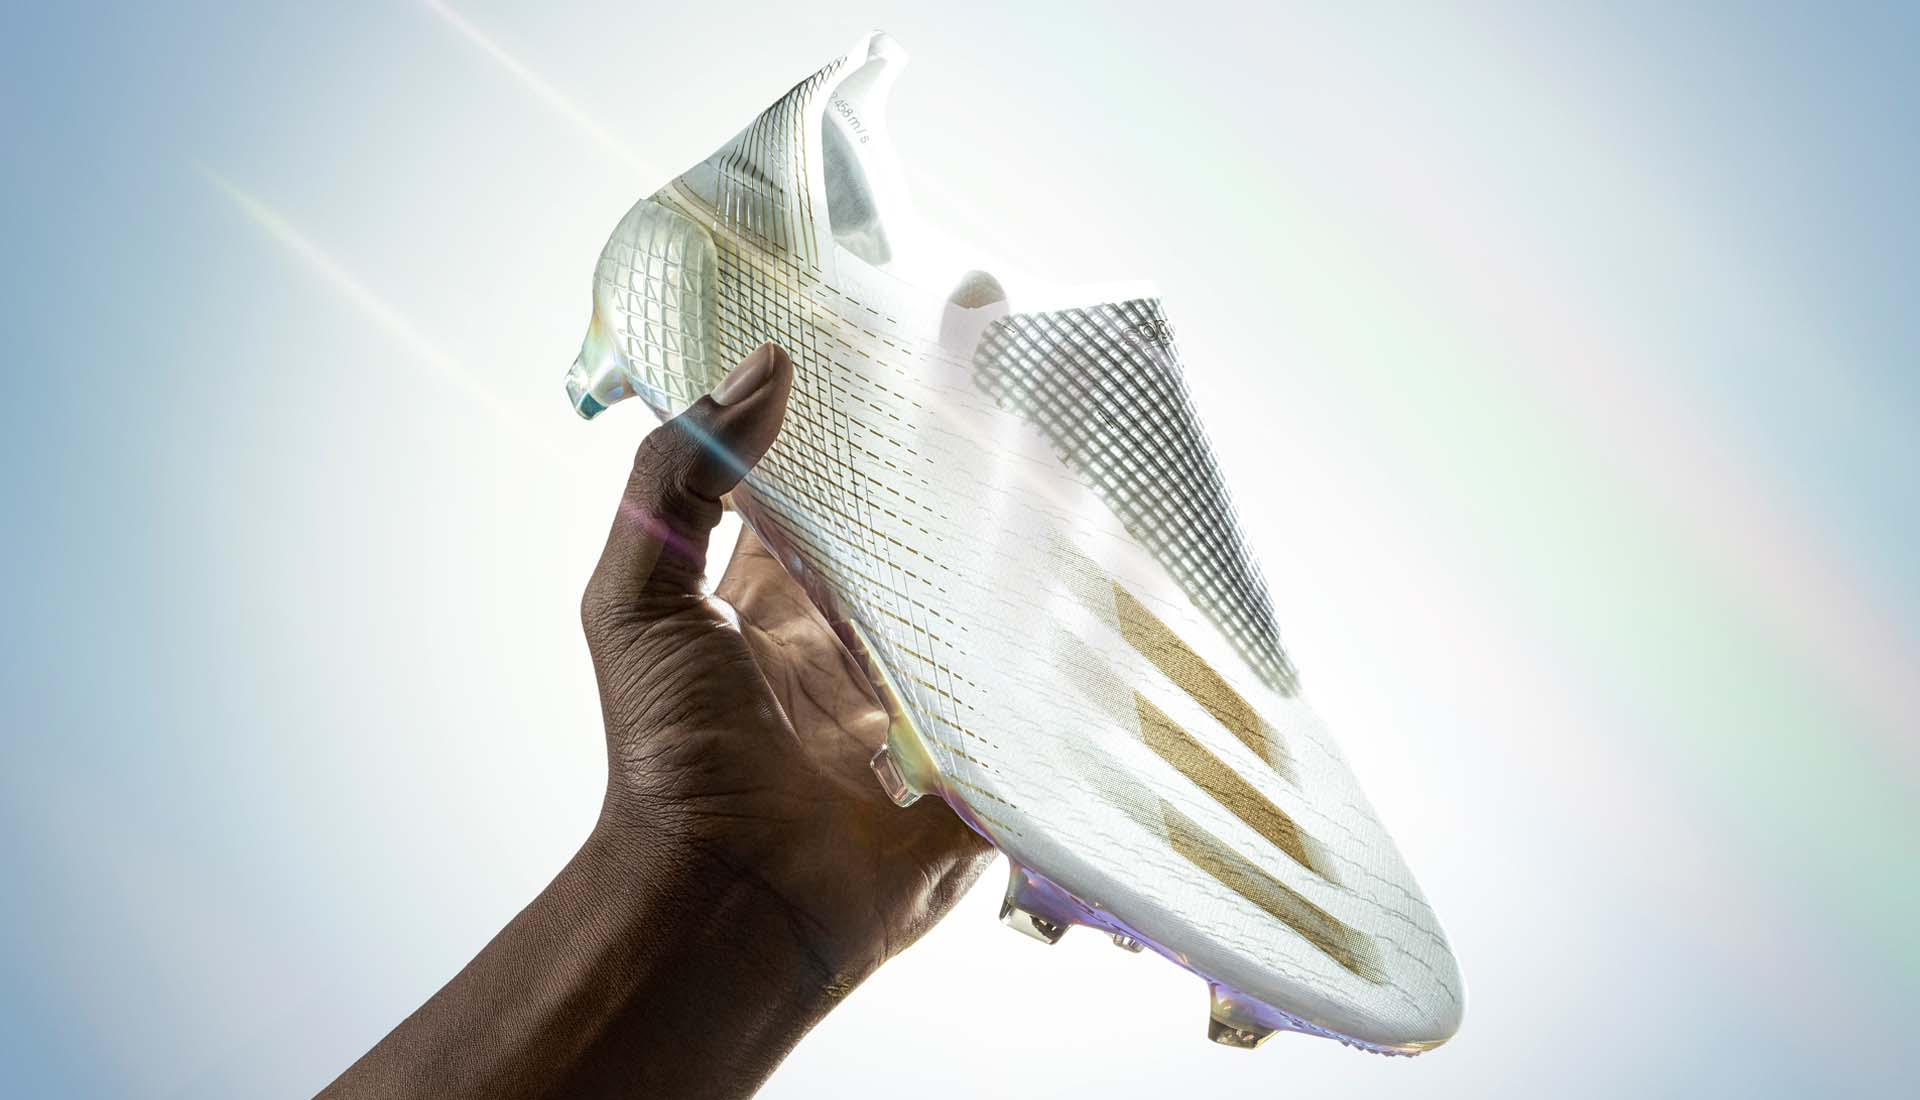 Thiết kế da giày mỏng nhẹ trong suốt giúp giảm trọng lượng của giày